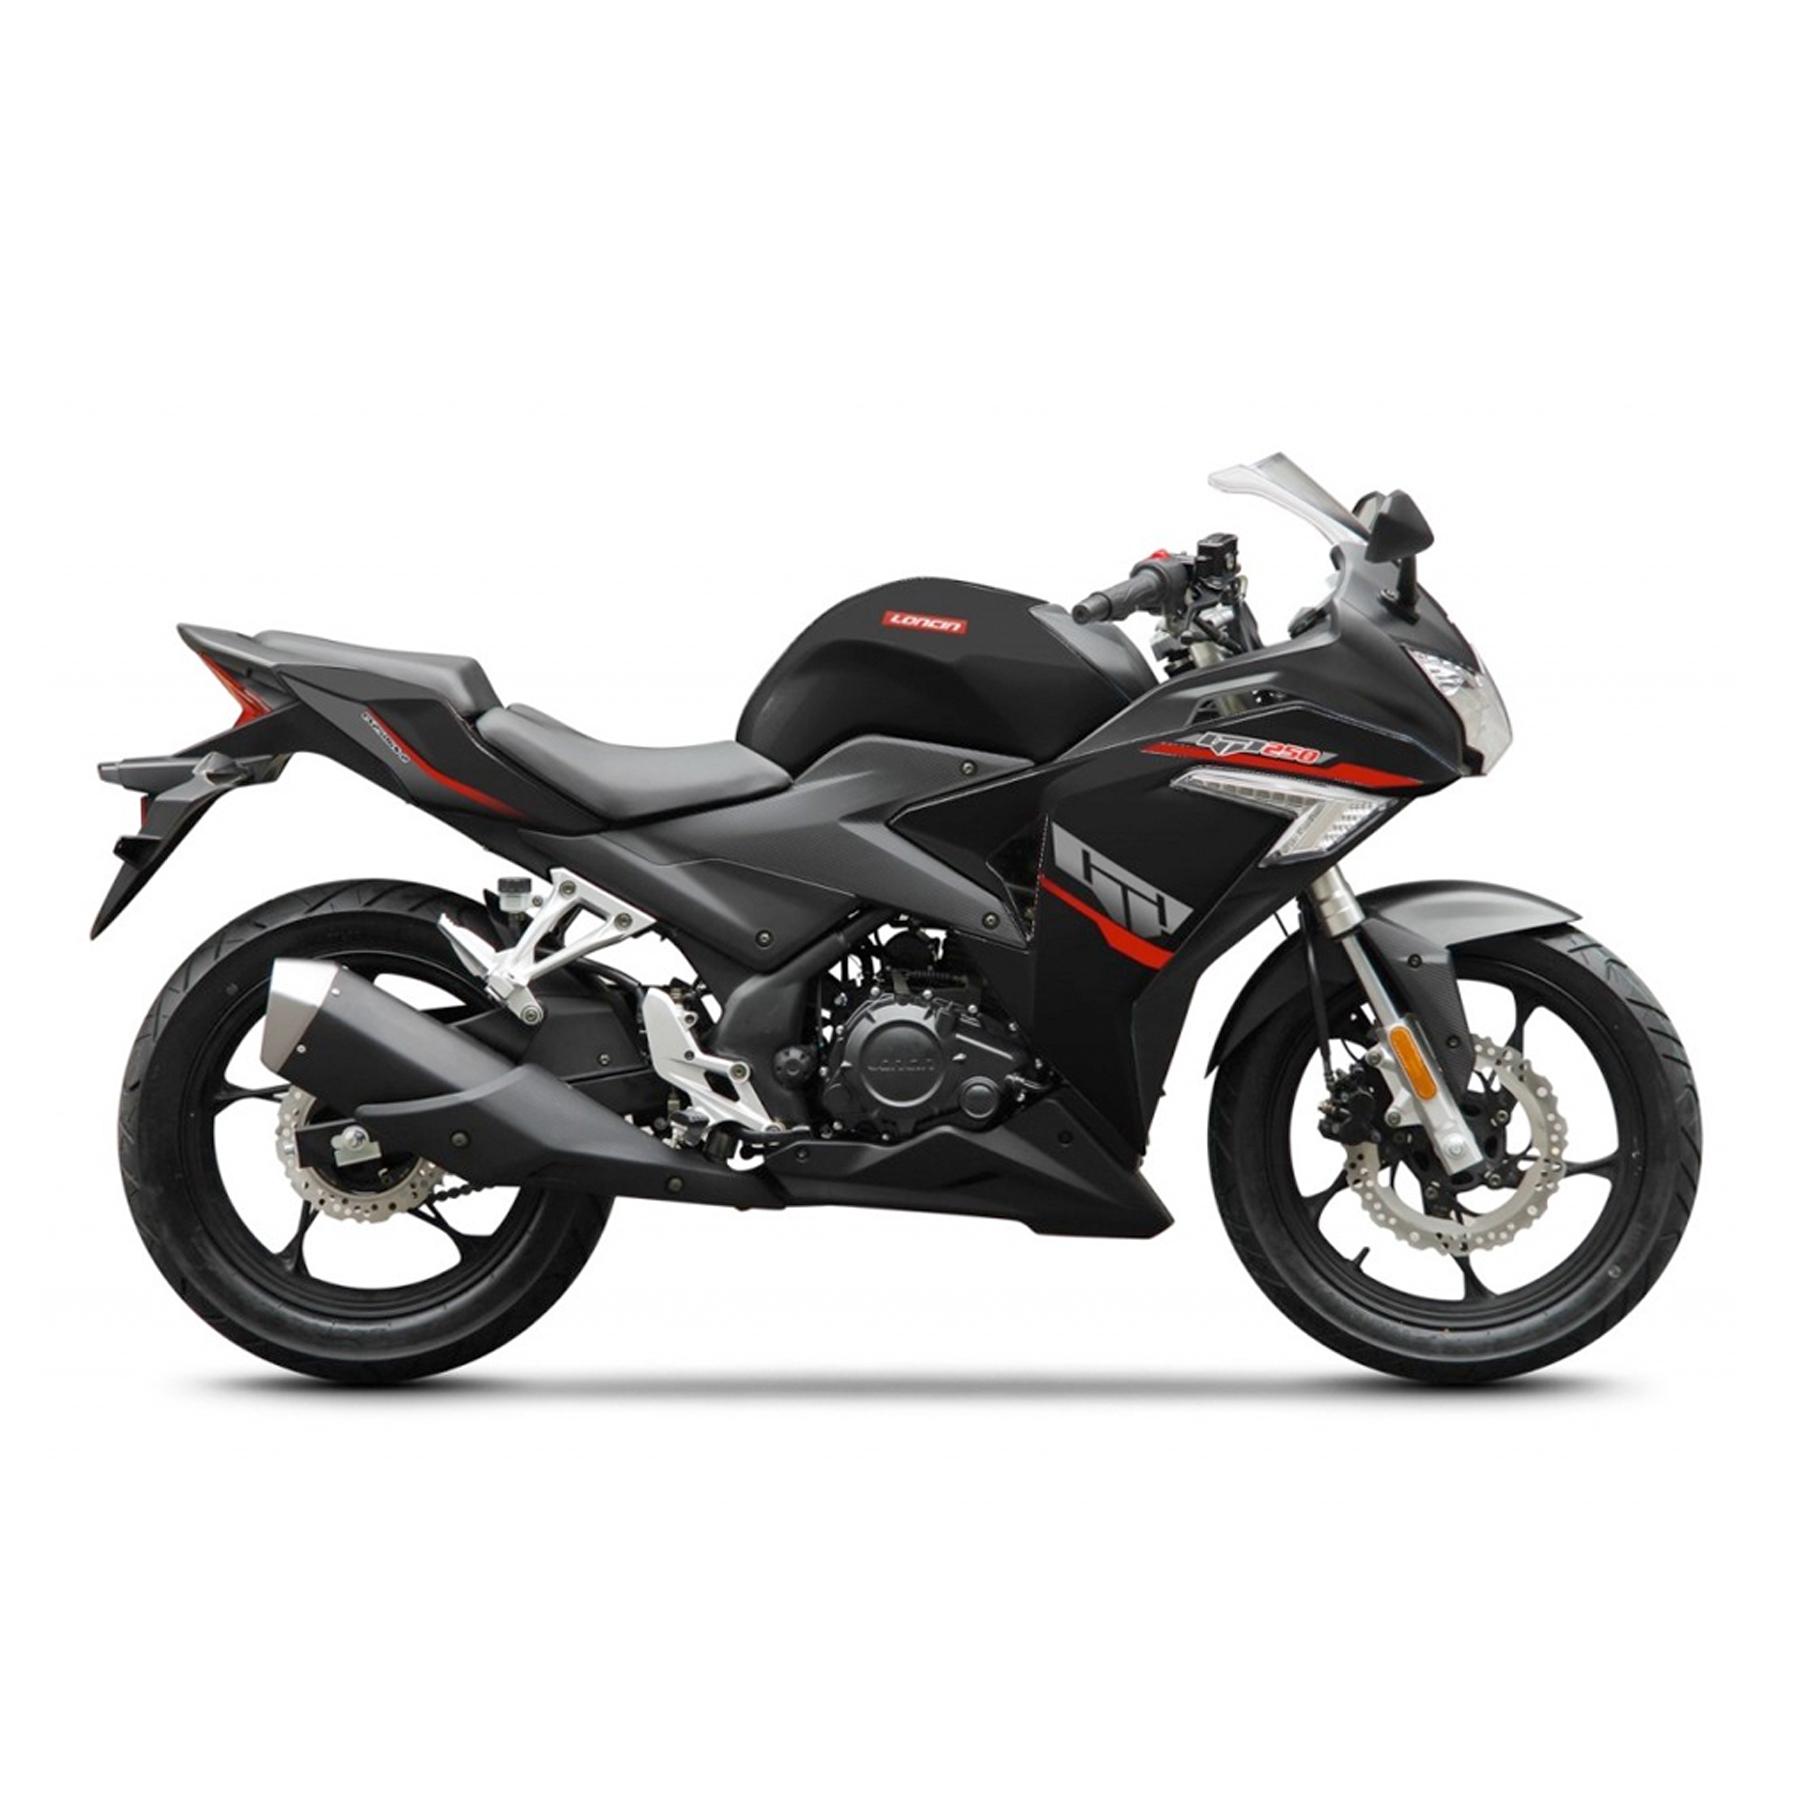 Motorcycle Loncin GP 250